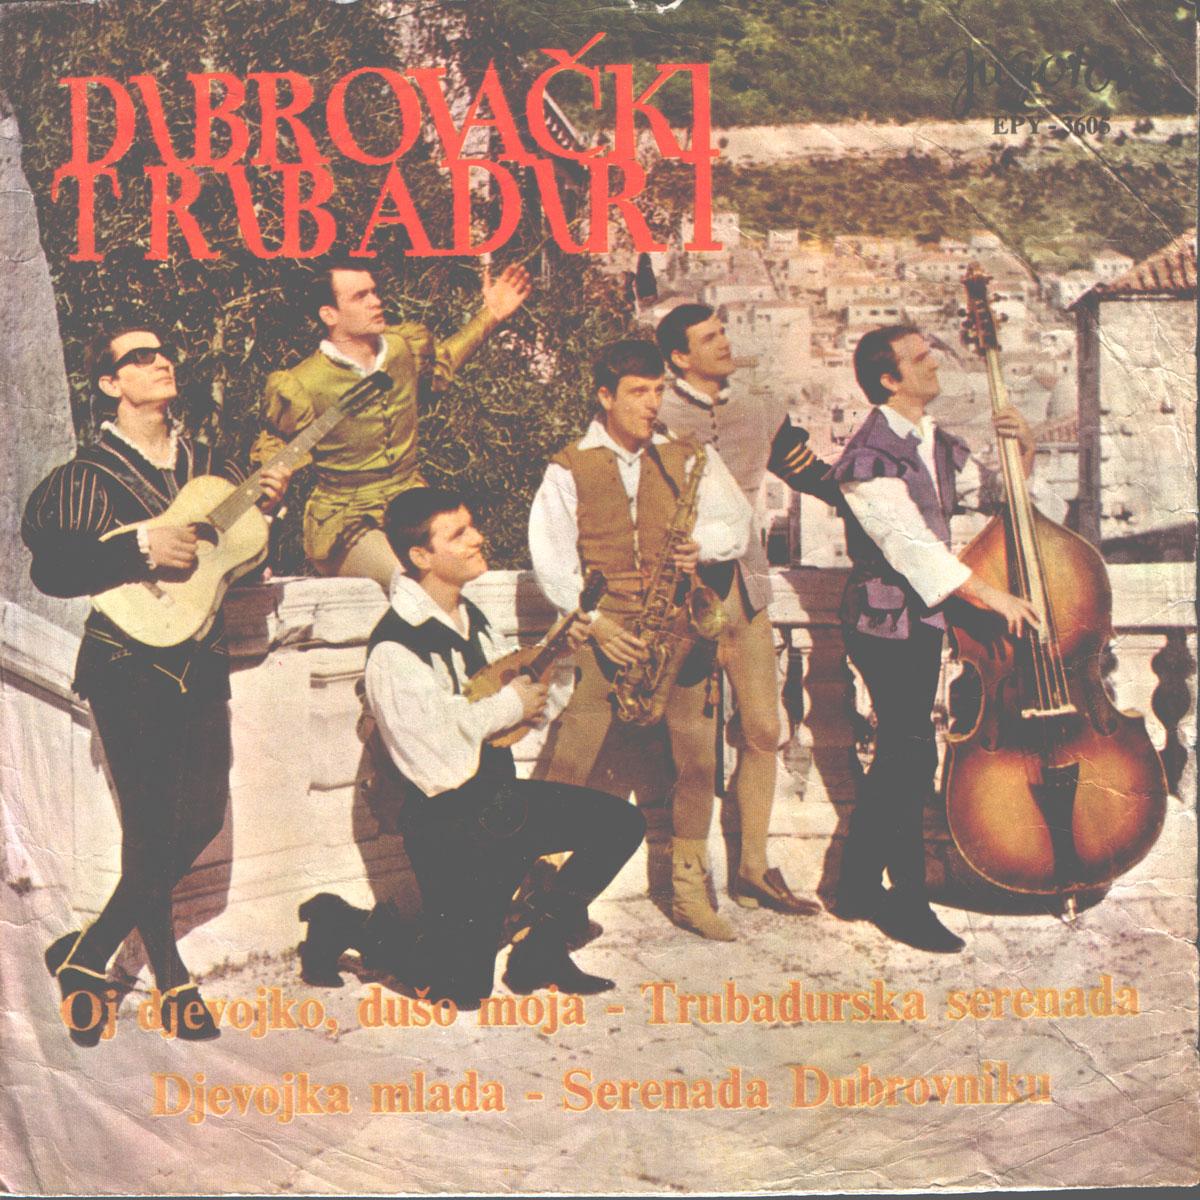 Dubrovacki trubaduri i Djelo Jusic D-trubaduri-pred